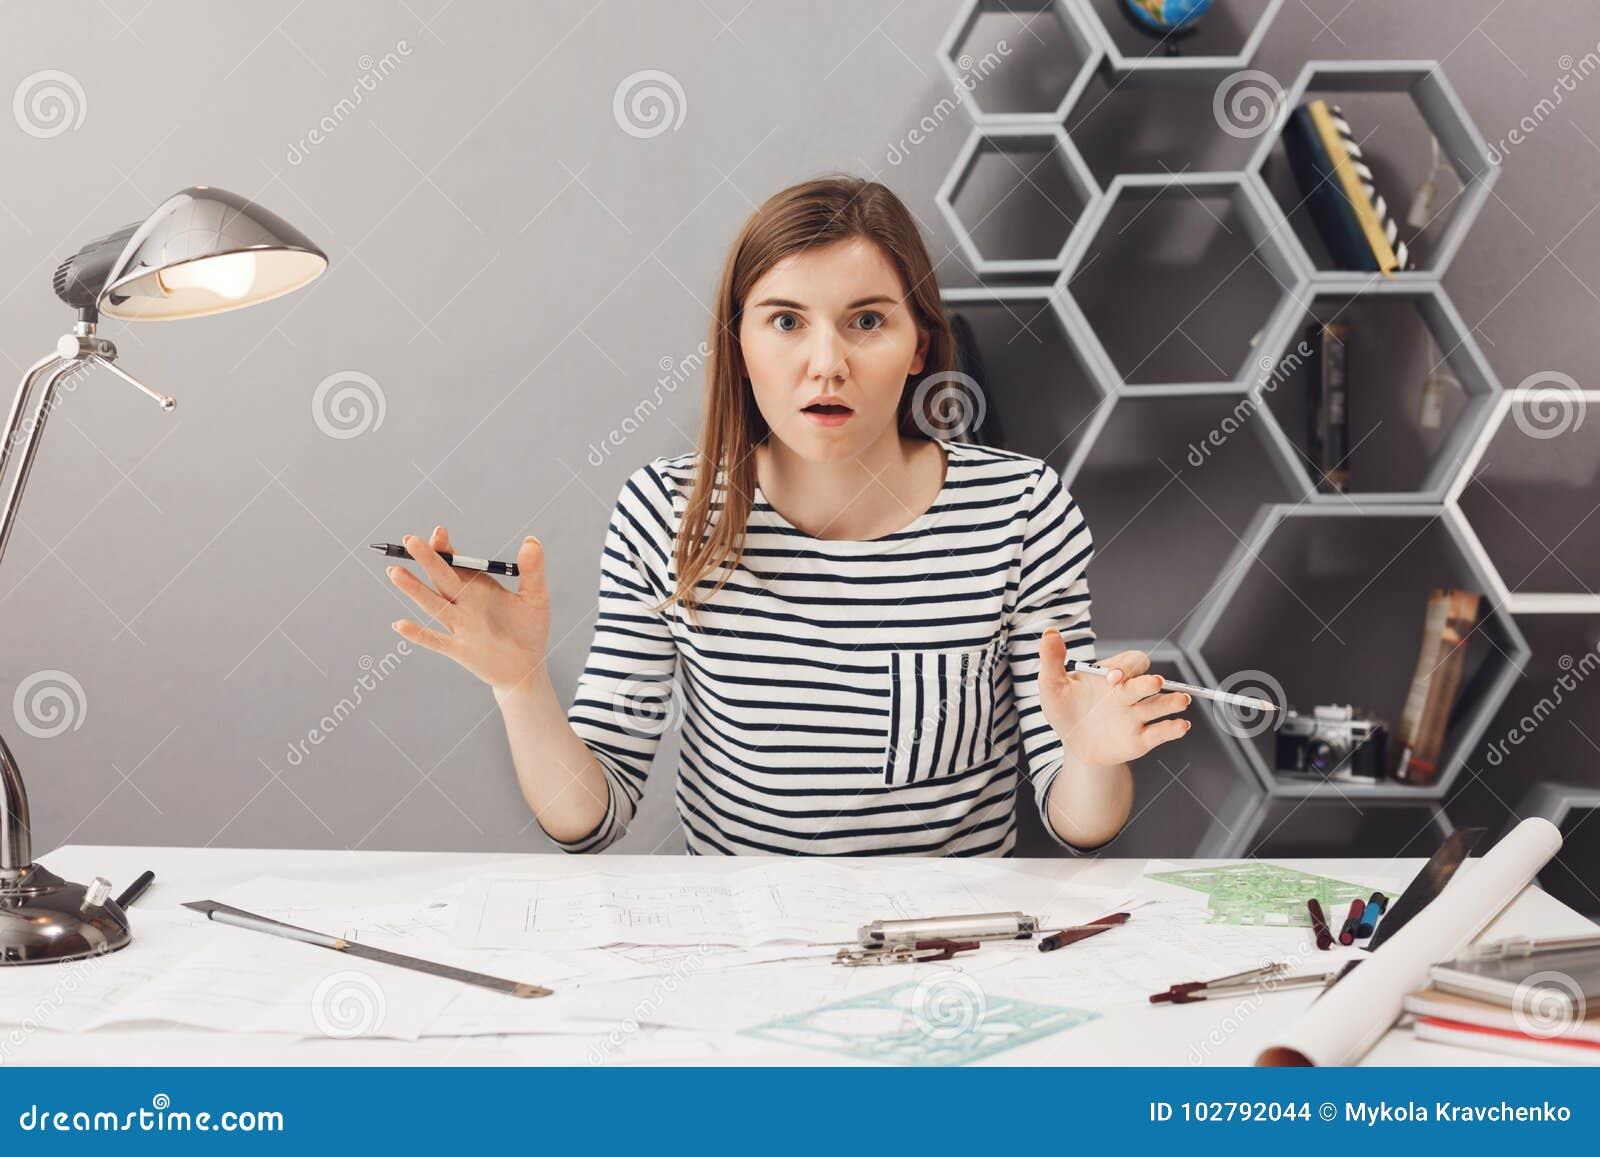 Κλείστε επάνω το πορτρέτο της όμορφης αστείας νέας ευρωπαϊκής θηλυκής ανεξάρτητης διάδοσης σχεδιαστών παραδίδει συγκινημένος και